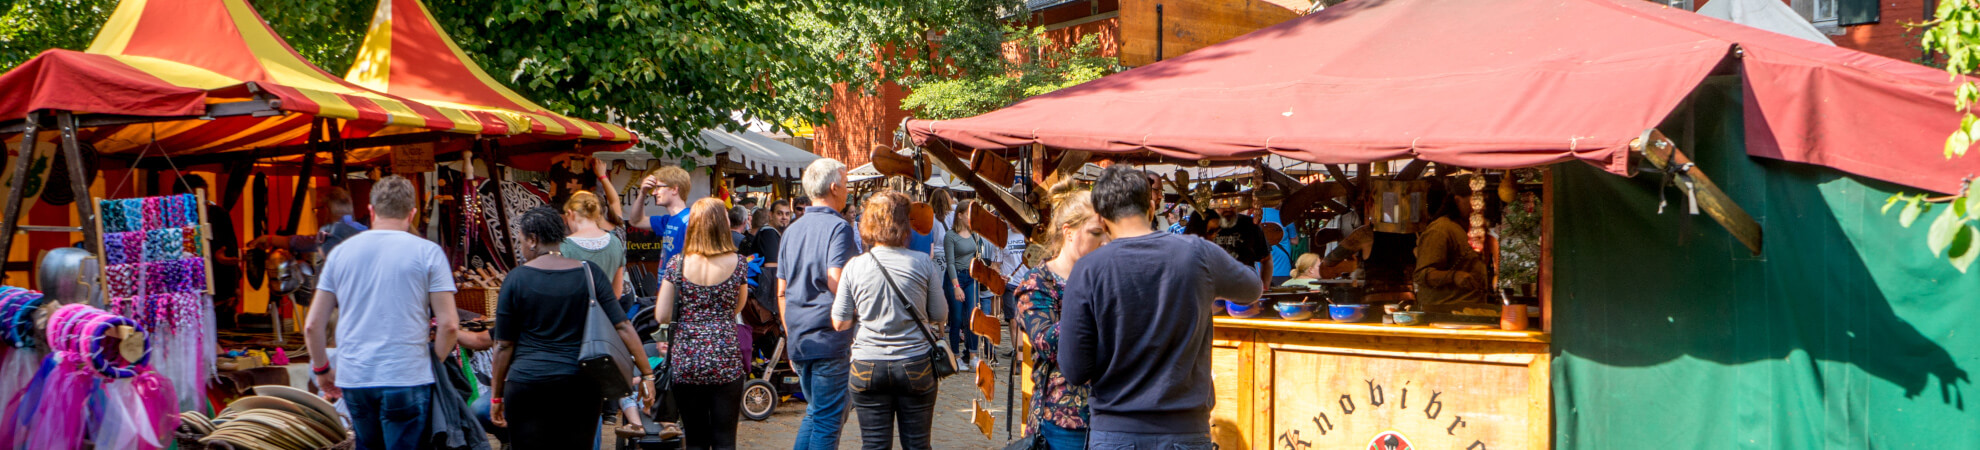 Mittelalterlicher Markt